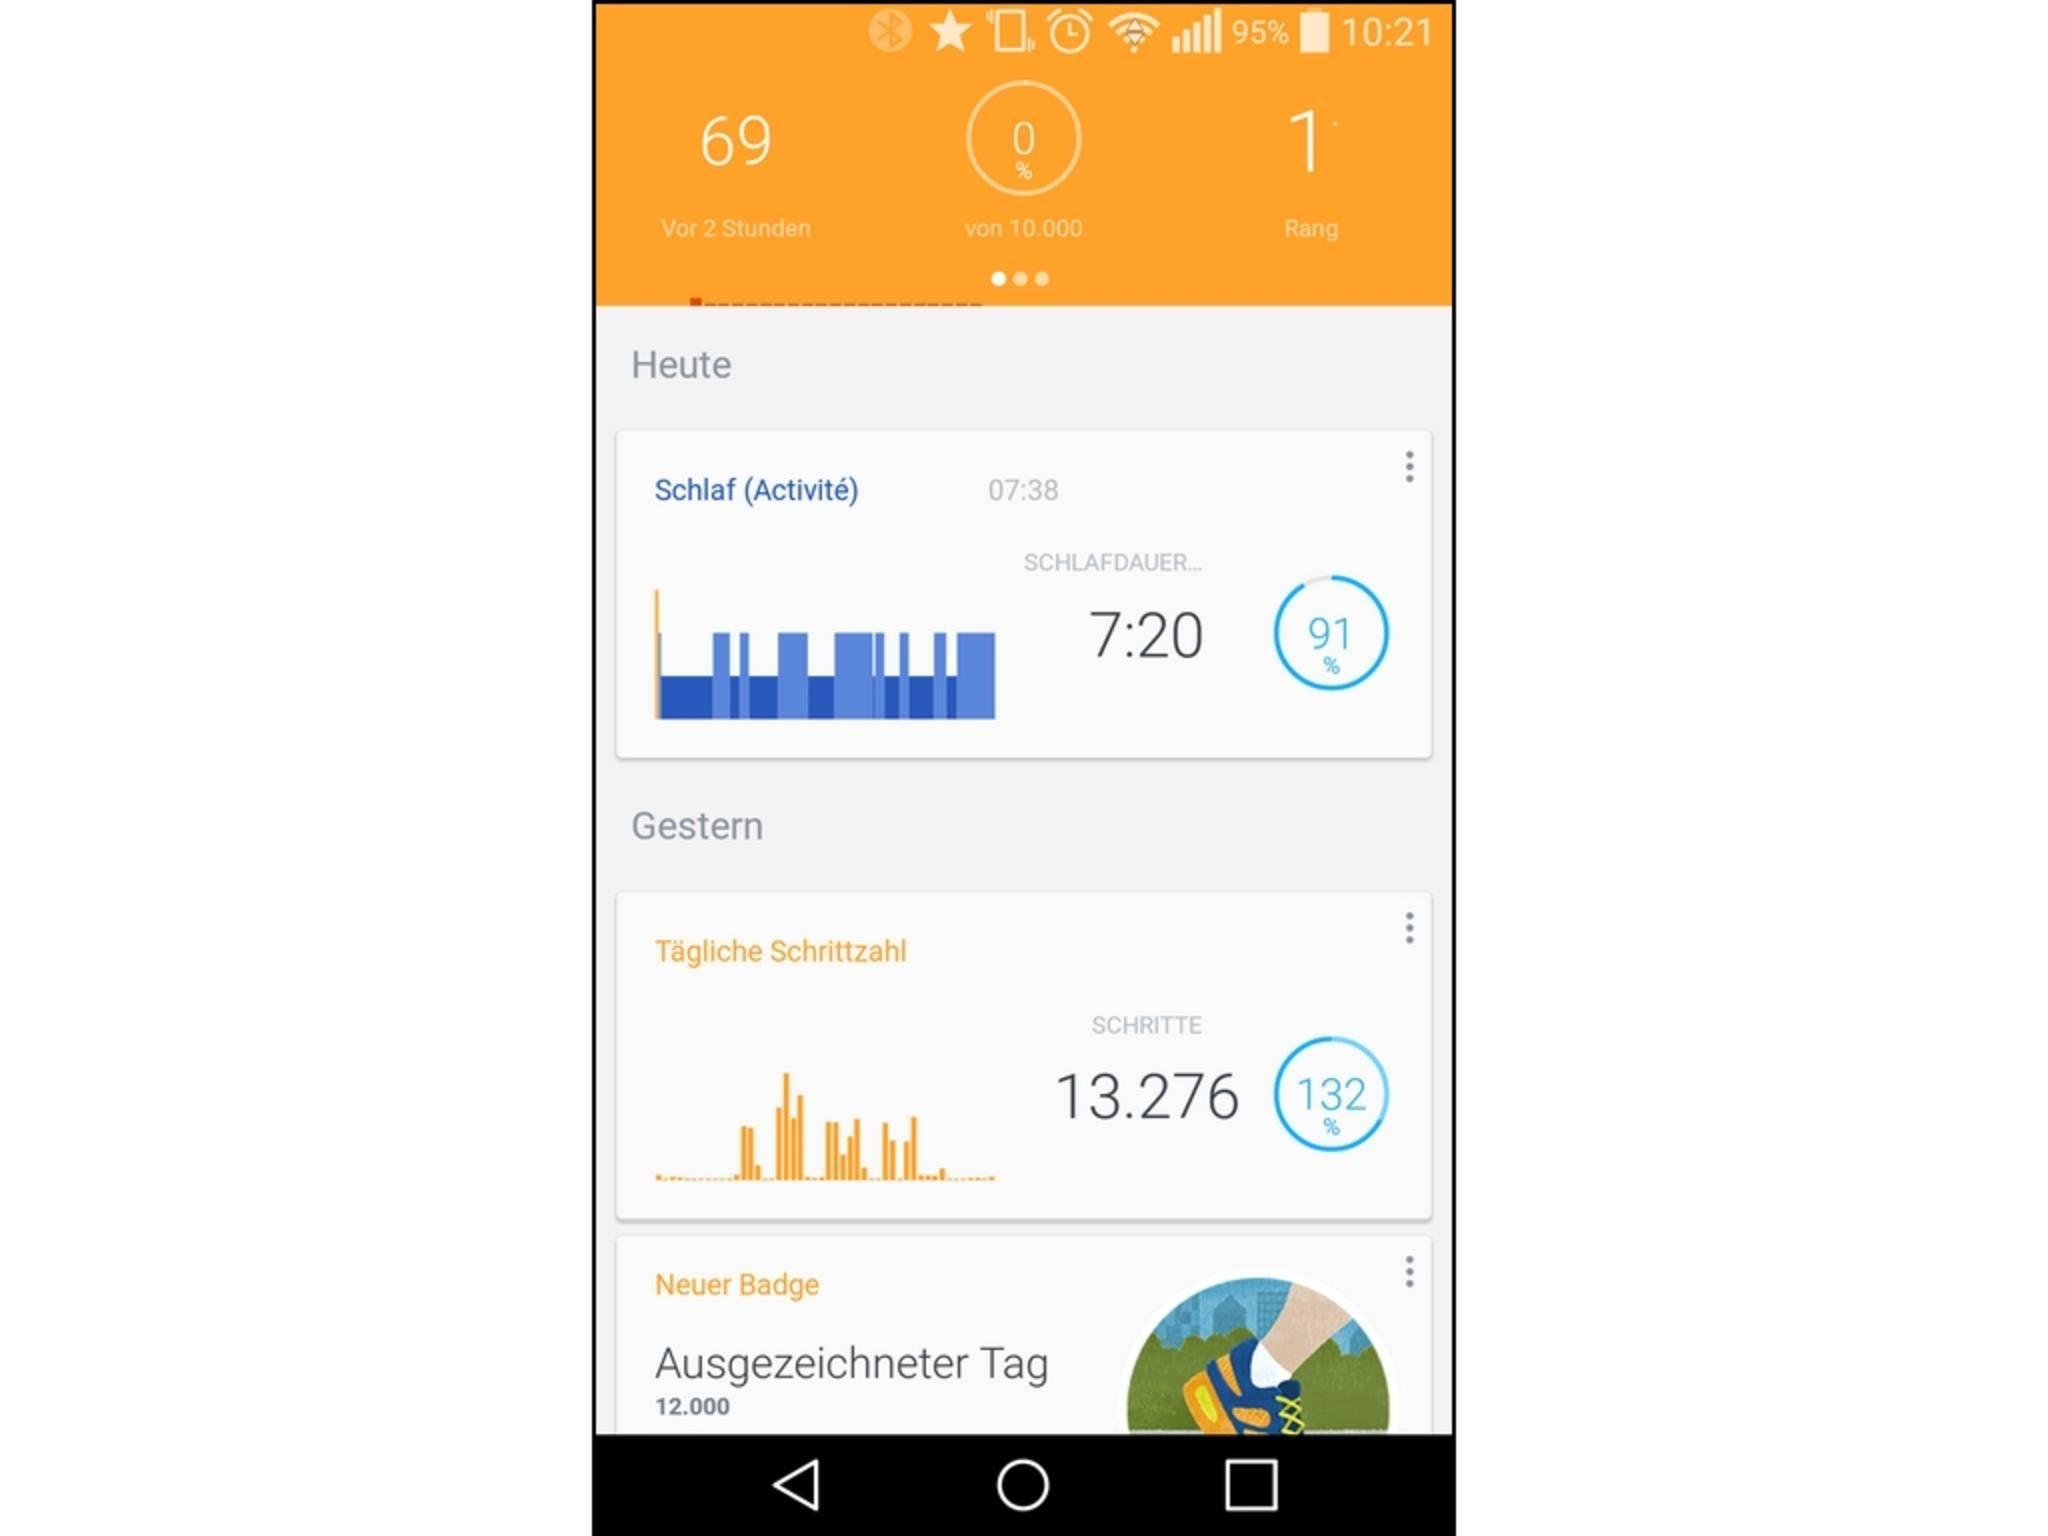 Die Hauptseite der App zeigt eine Timeline mit allen Aktivitäten.